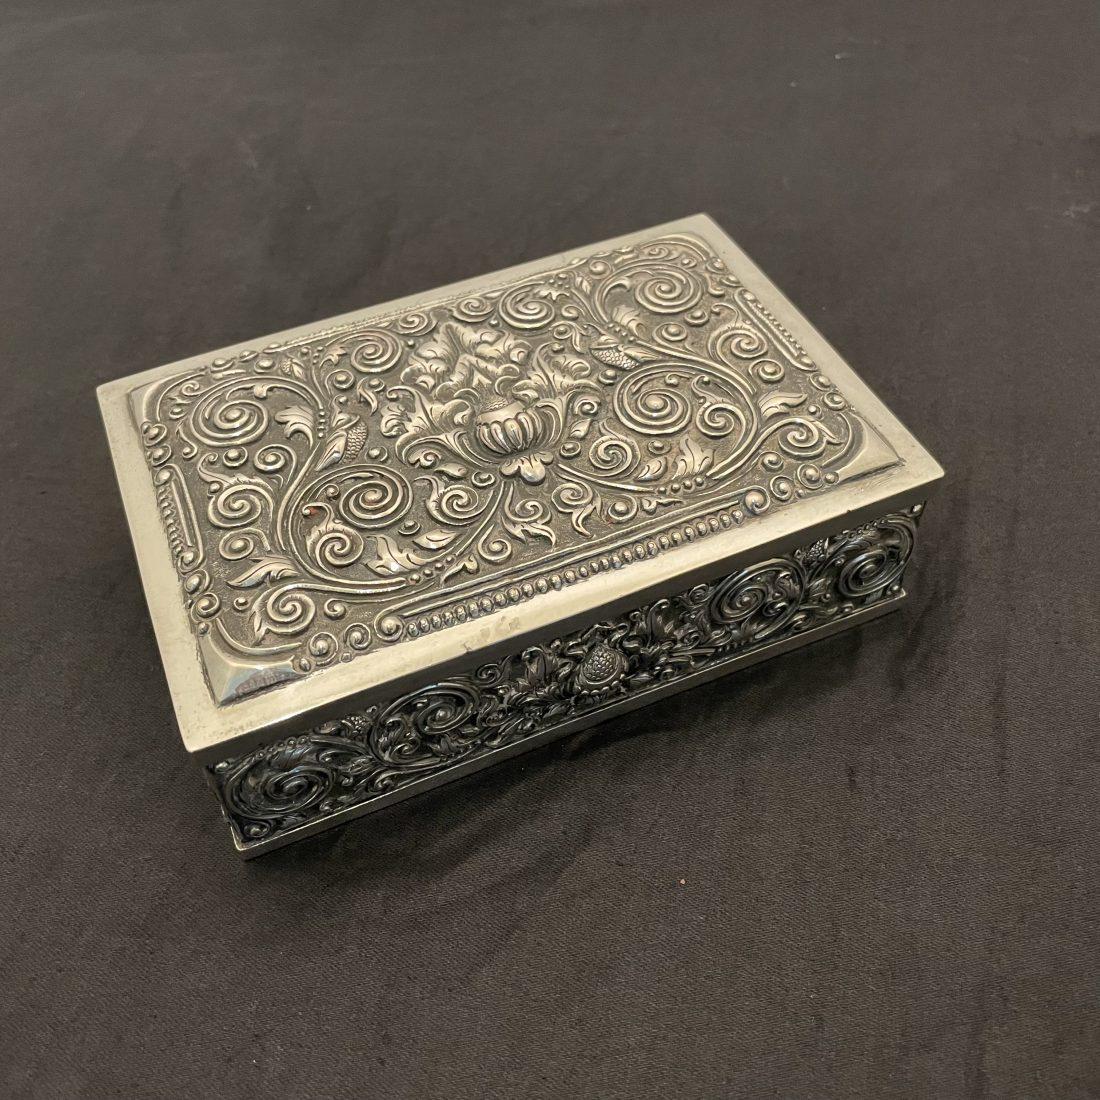 Djokja zilveren sigarendoos met houten binnenbak, eind 19e eeuw